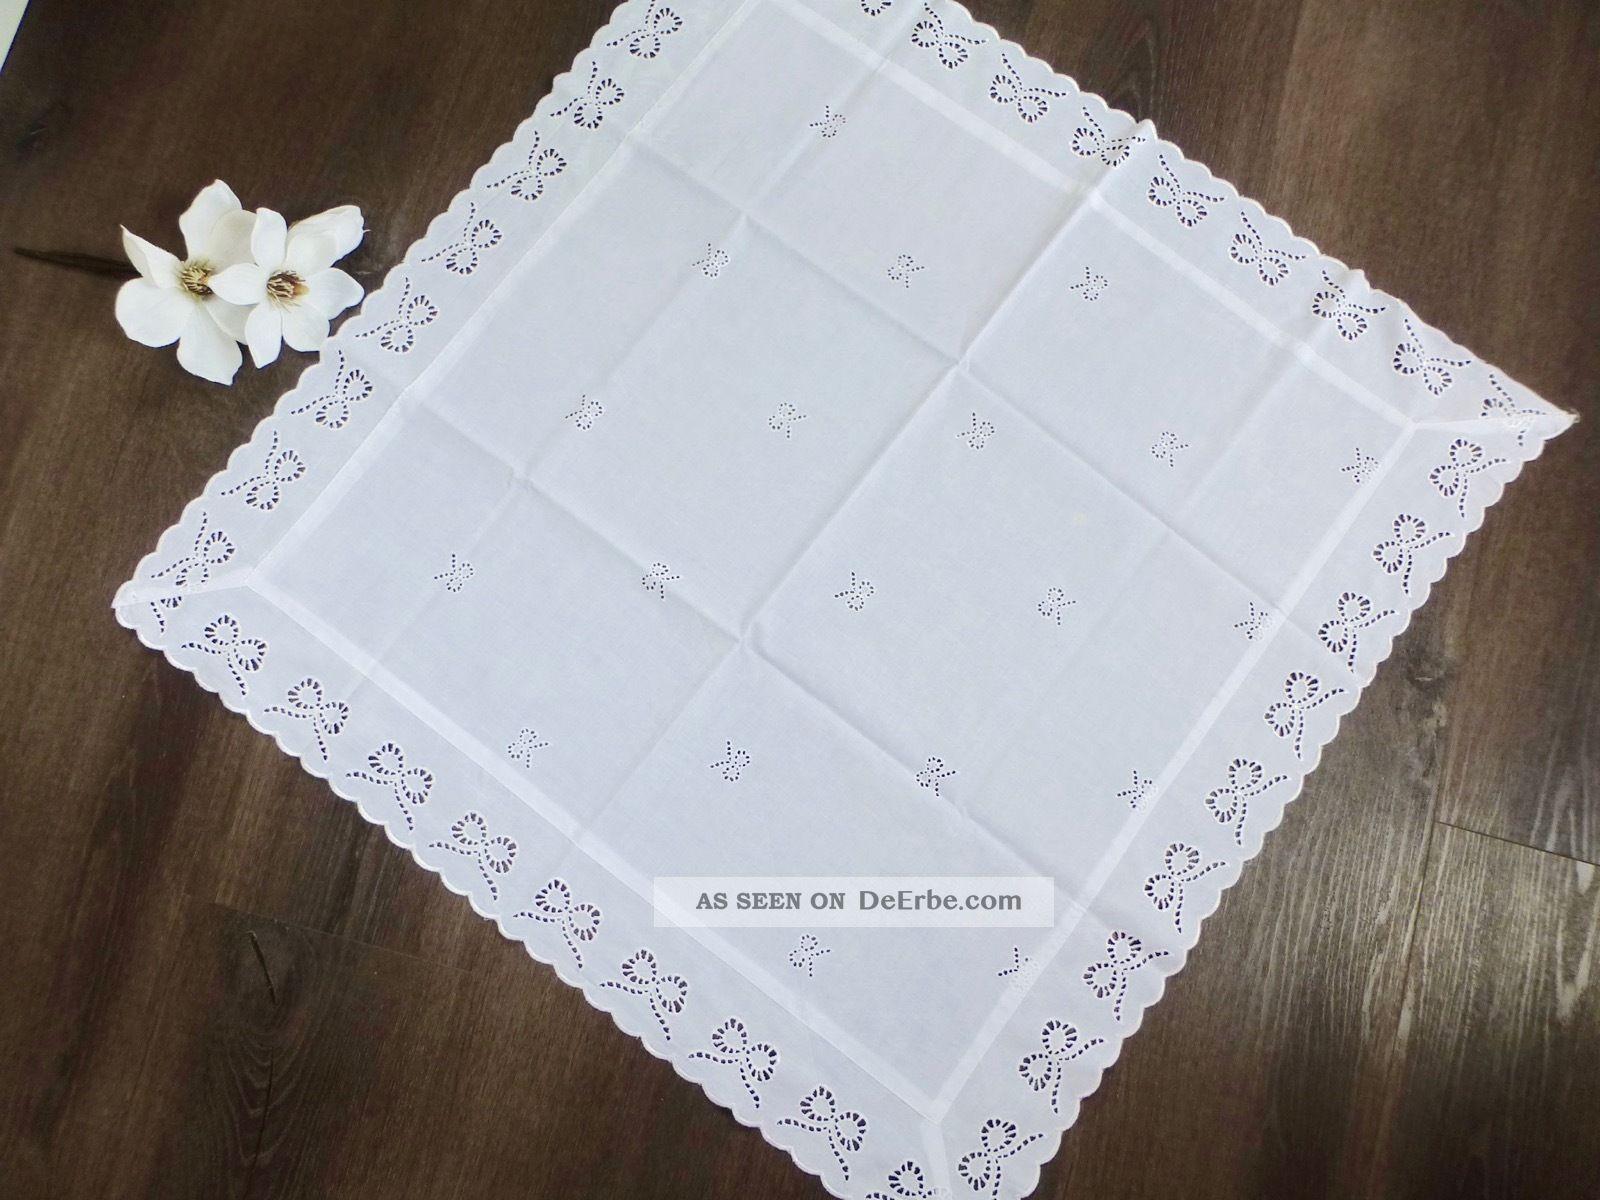 Tischdecke ✿ Mitteldecke Spitzendecke Richelieu Weiß Landhaus Nostalgie 81x81cm Tischdecken Bild